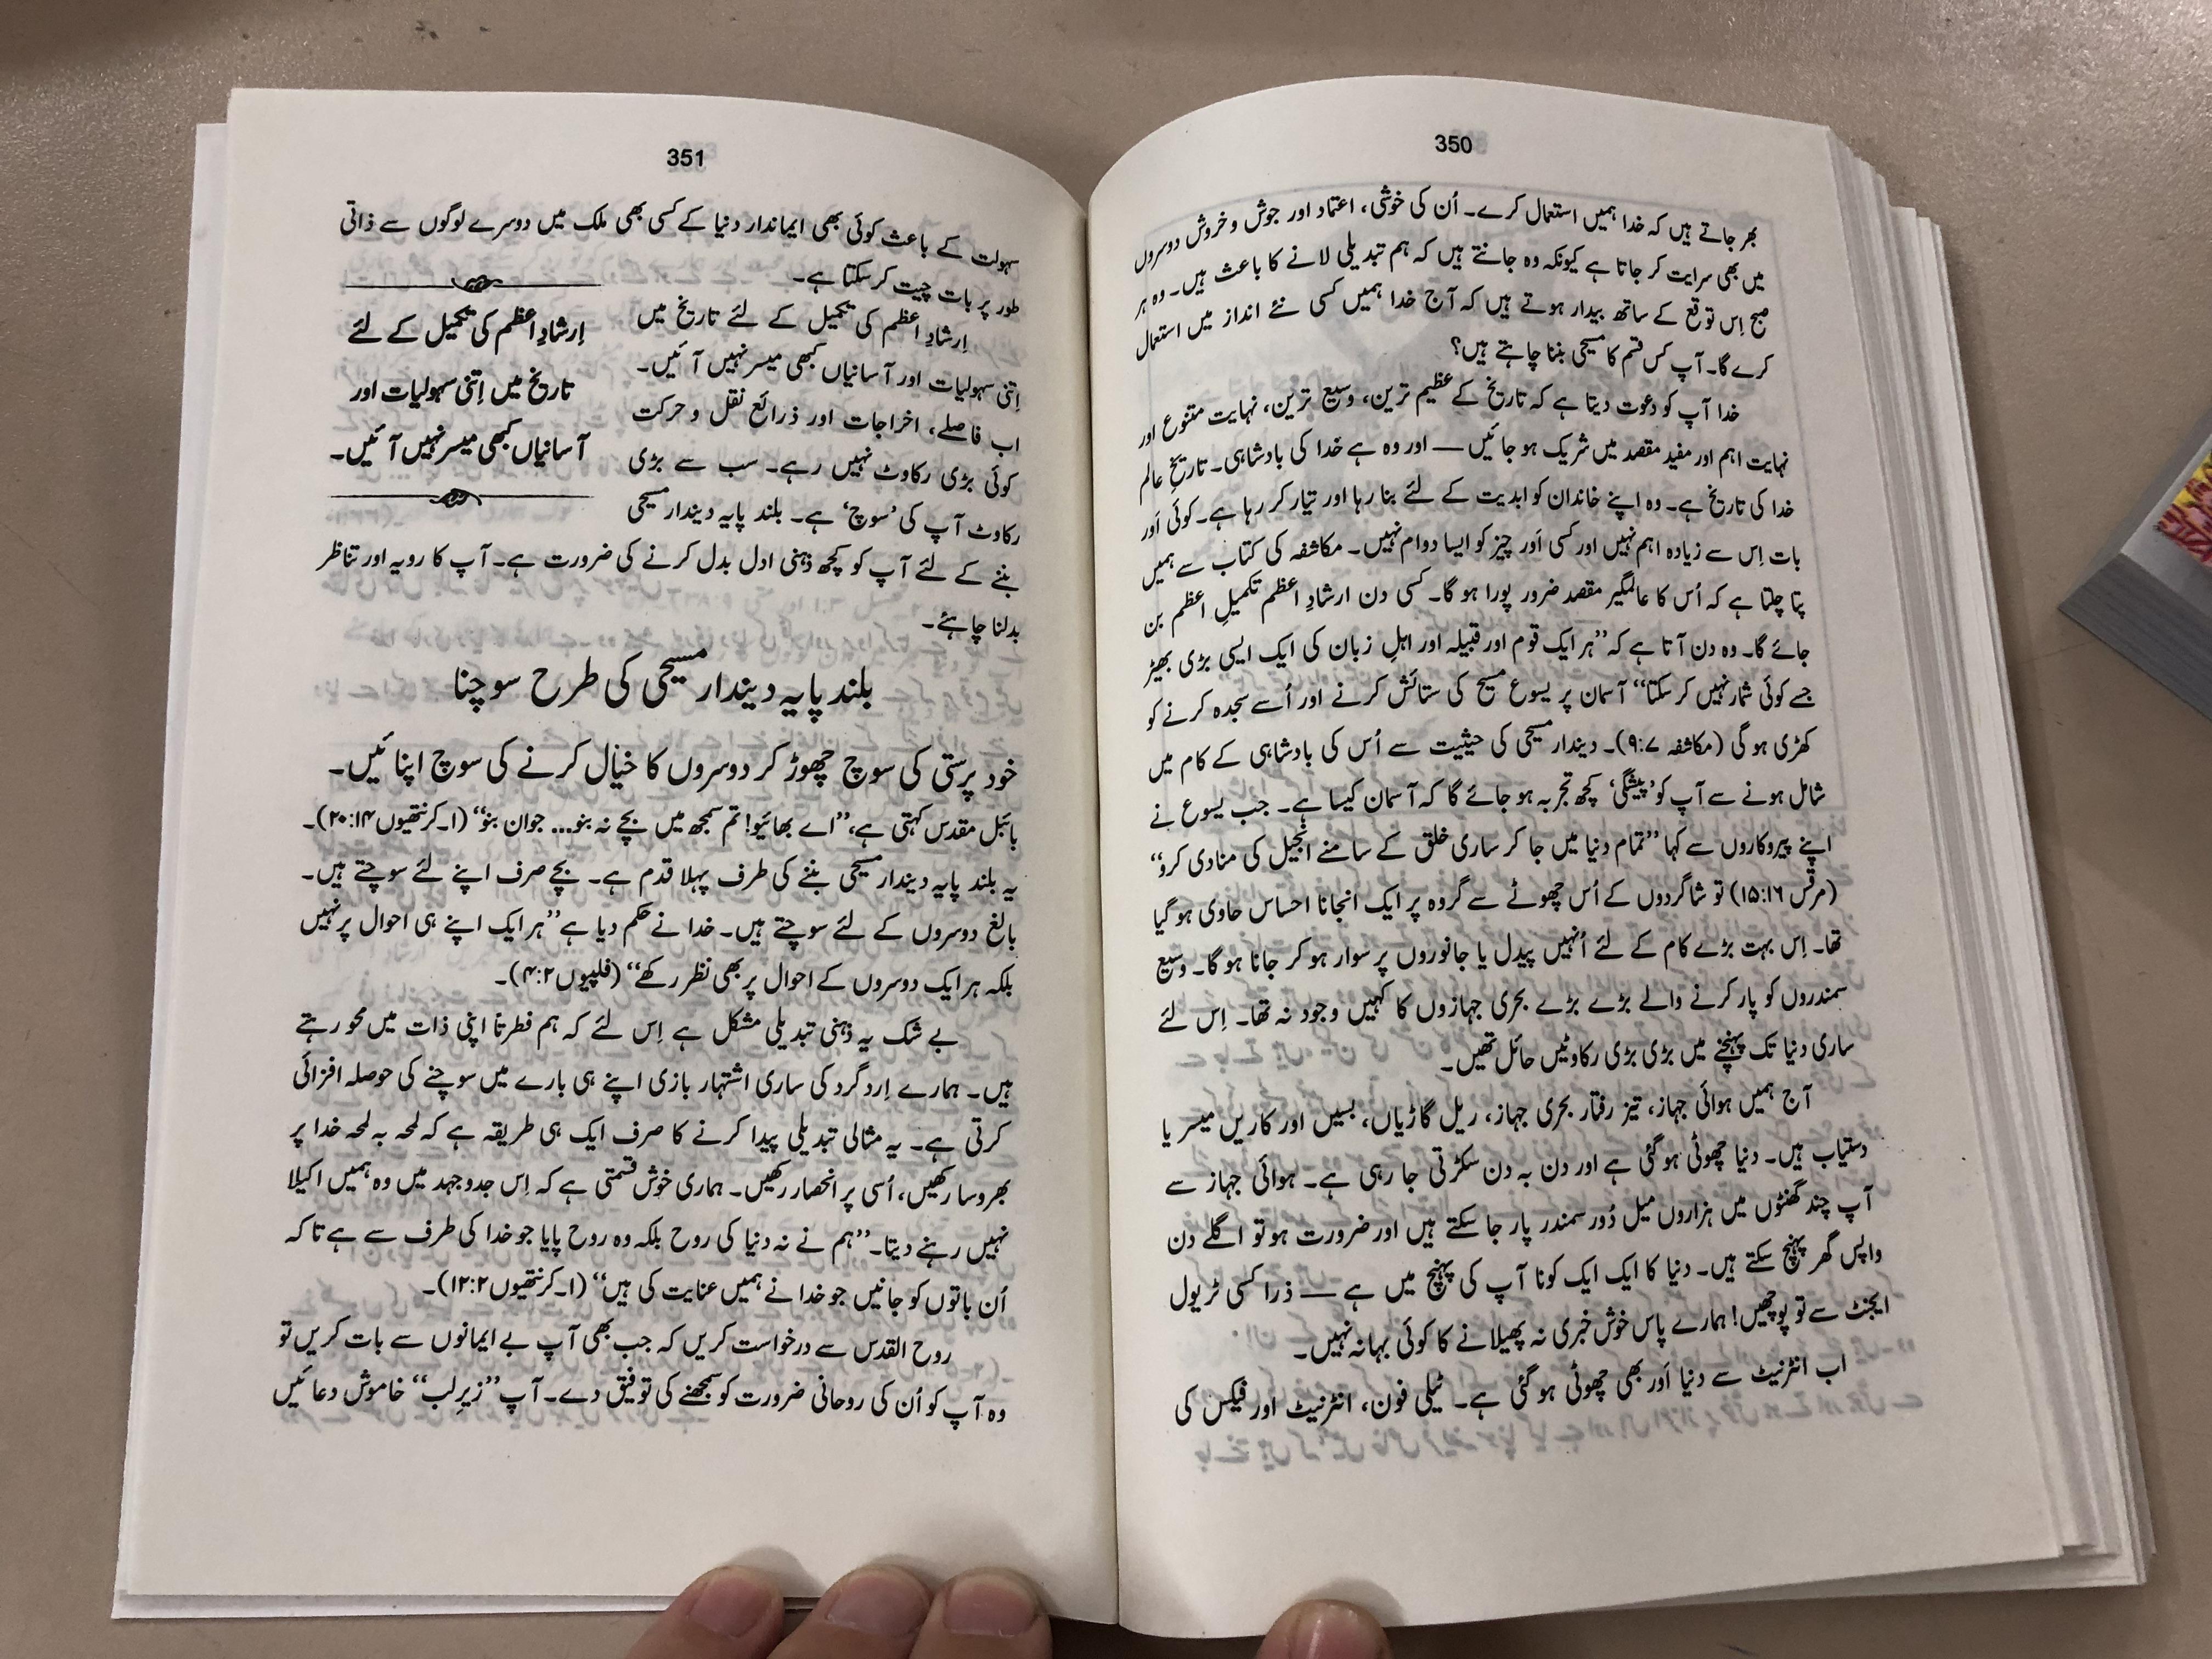 purpose-driven-life-in-urdu-by-rick-warren-masihi-isha-at-khana-paperback-2019-17-.jpg